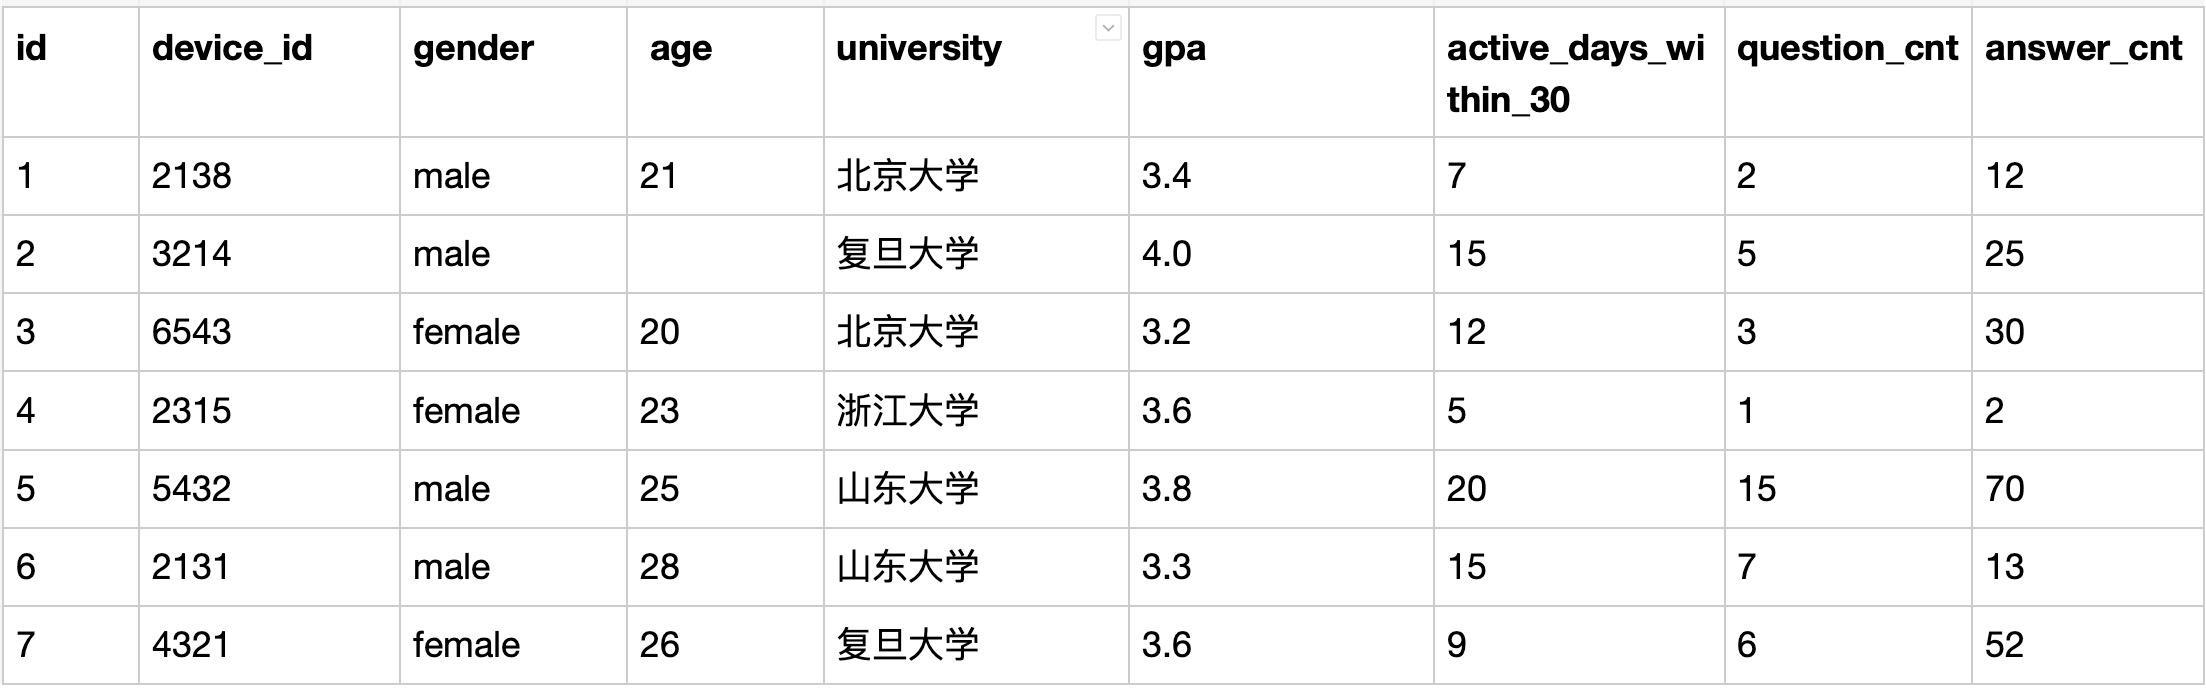 题目:作为区块链毕设学生网的数据分析师,现在运营想要找到每个学校gpa最高的同学来做调研,请你取出相应数据。          示例:user_profile               根据示例,你的查询结果应参考以下格式: